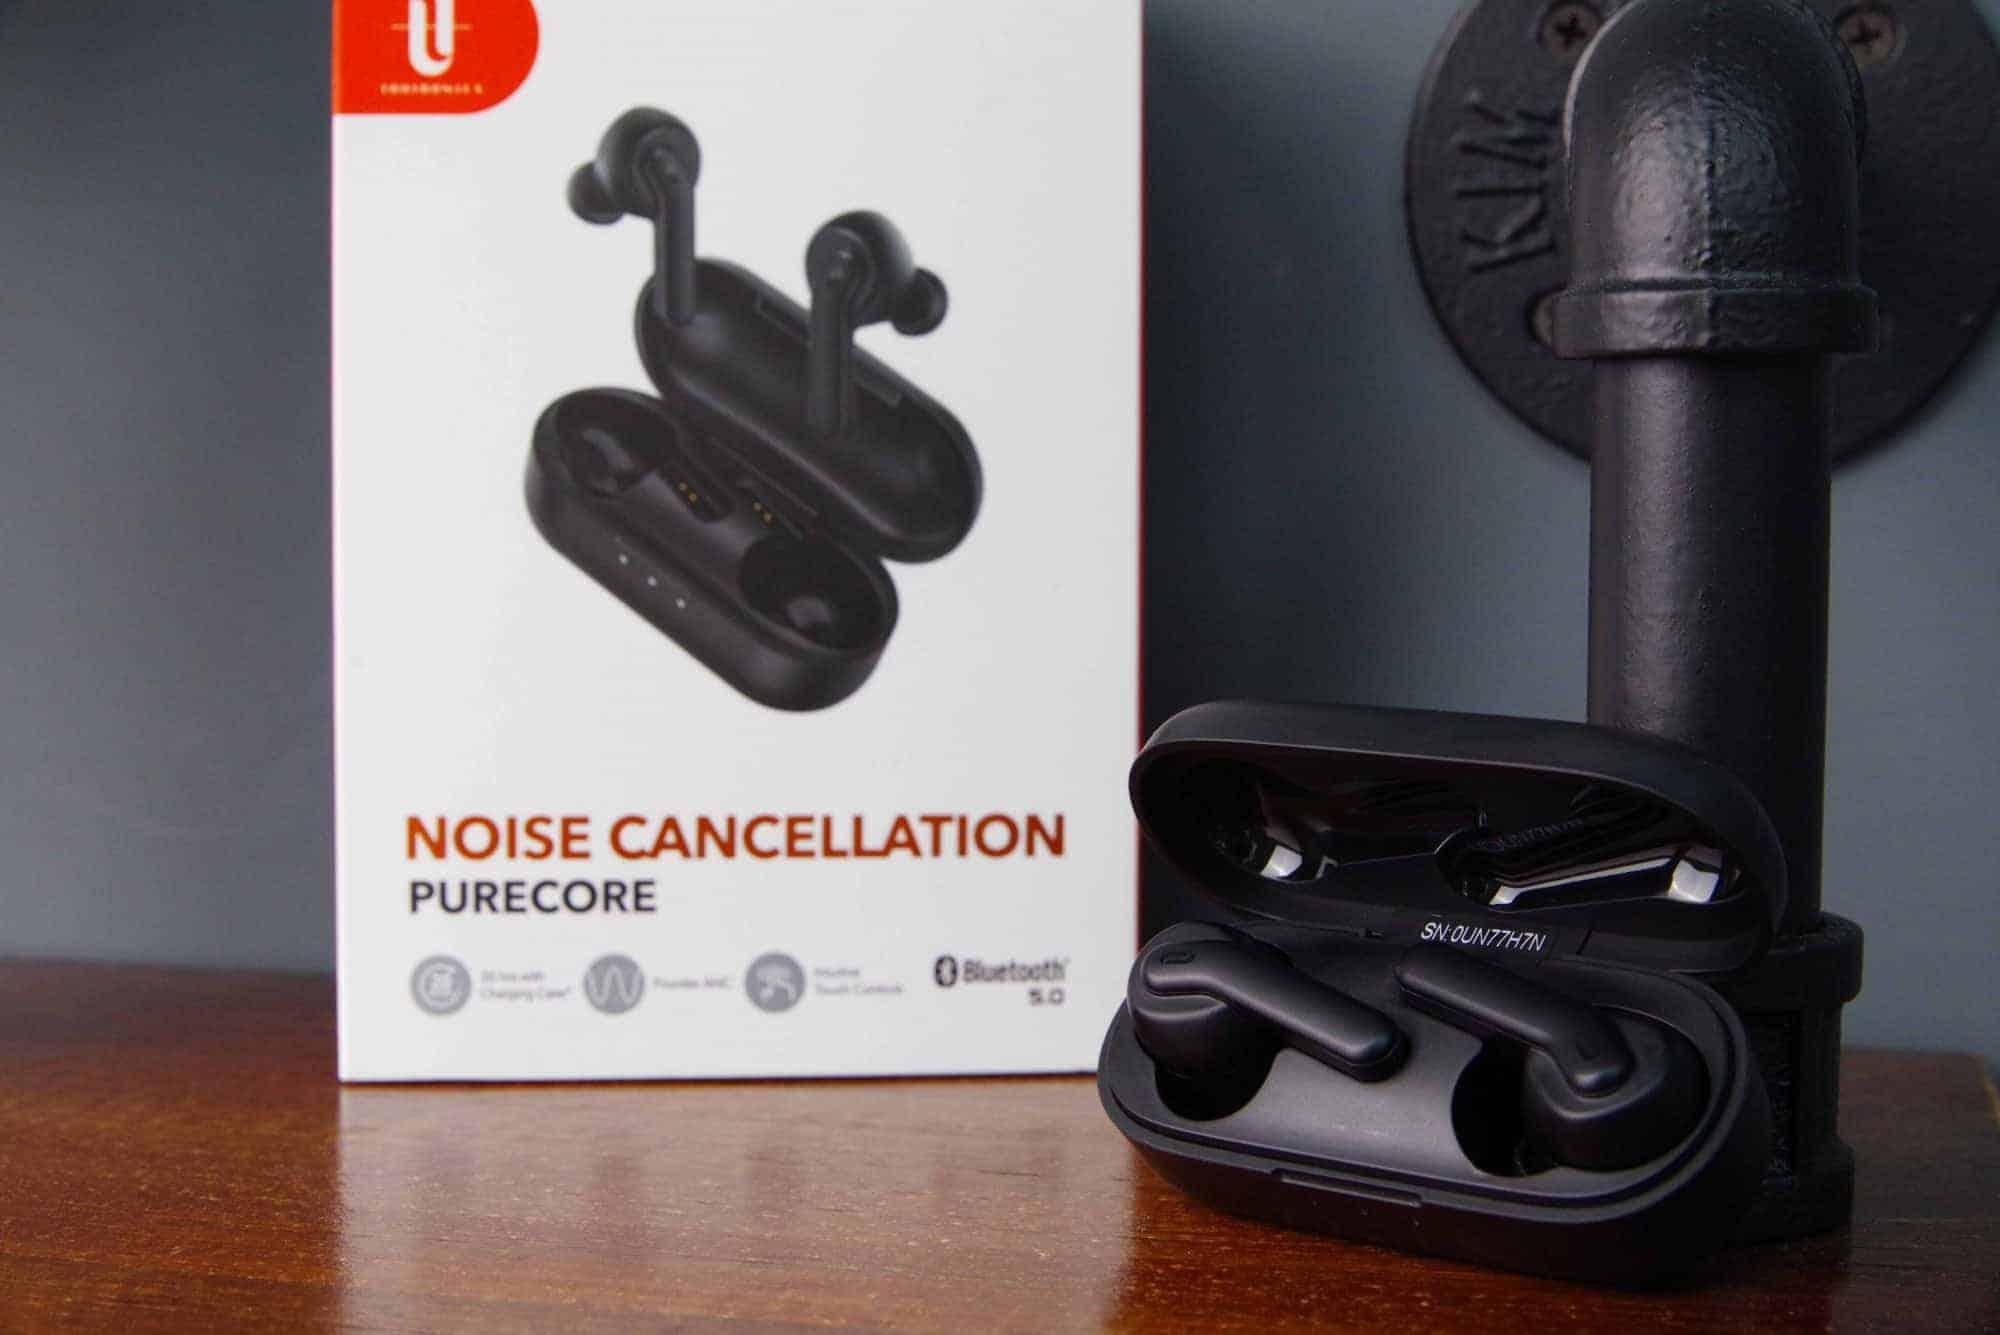 極簡IEM監聽耳機設計!TaoTronics Purecore ANC降噪真無線藍牙耳機